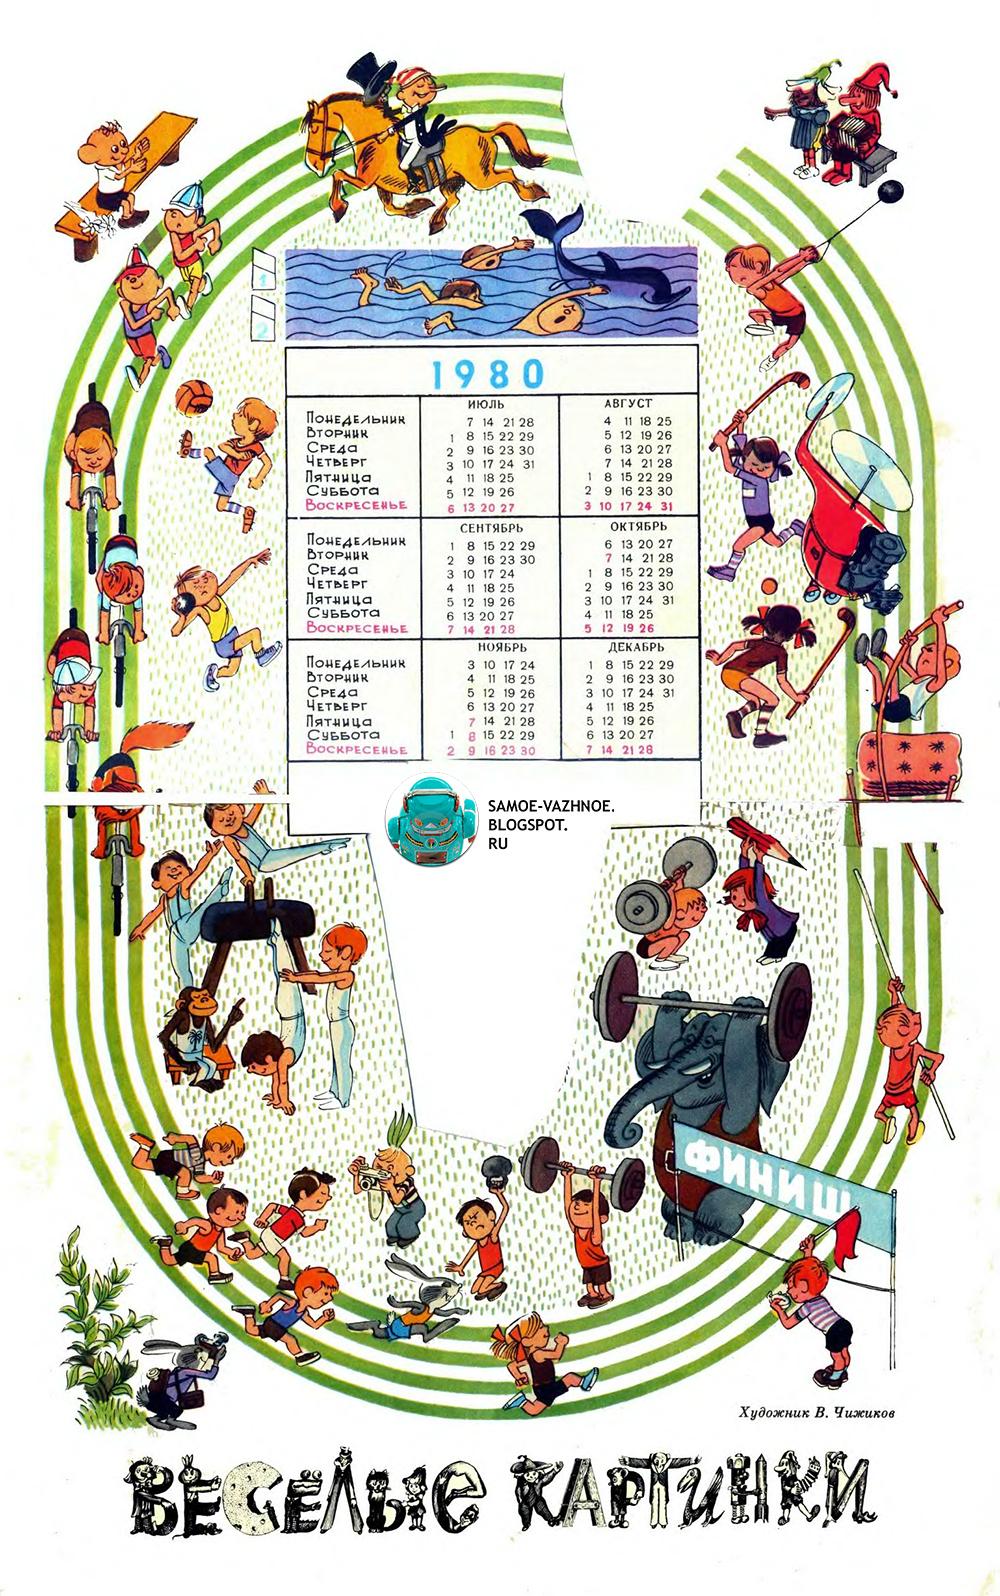 Журнал Весёлые картинки 12 1979 Календарь спорт